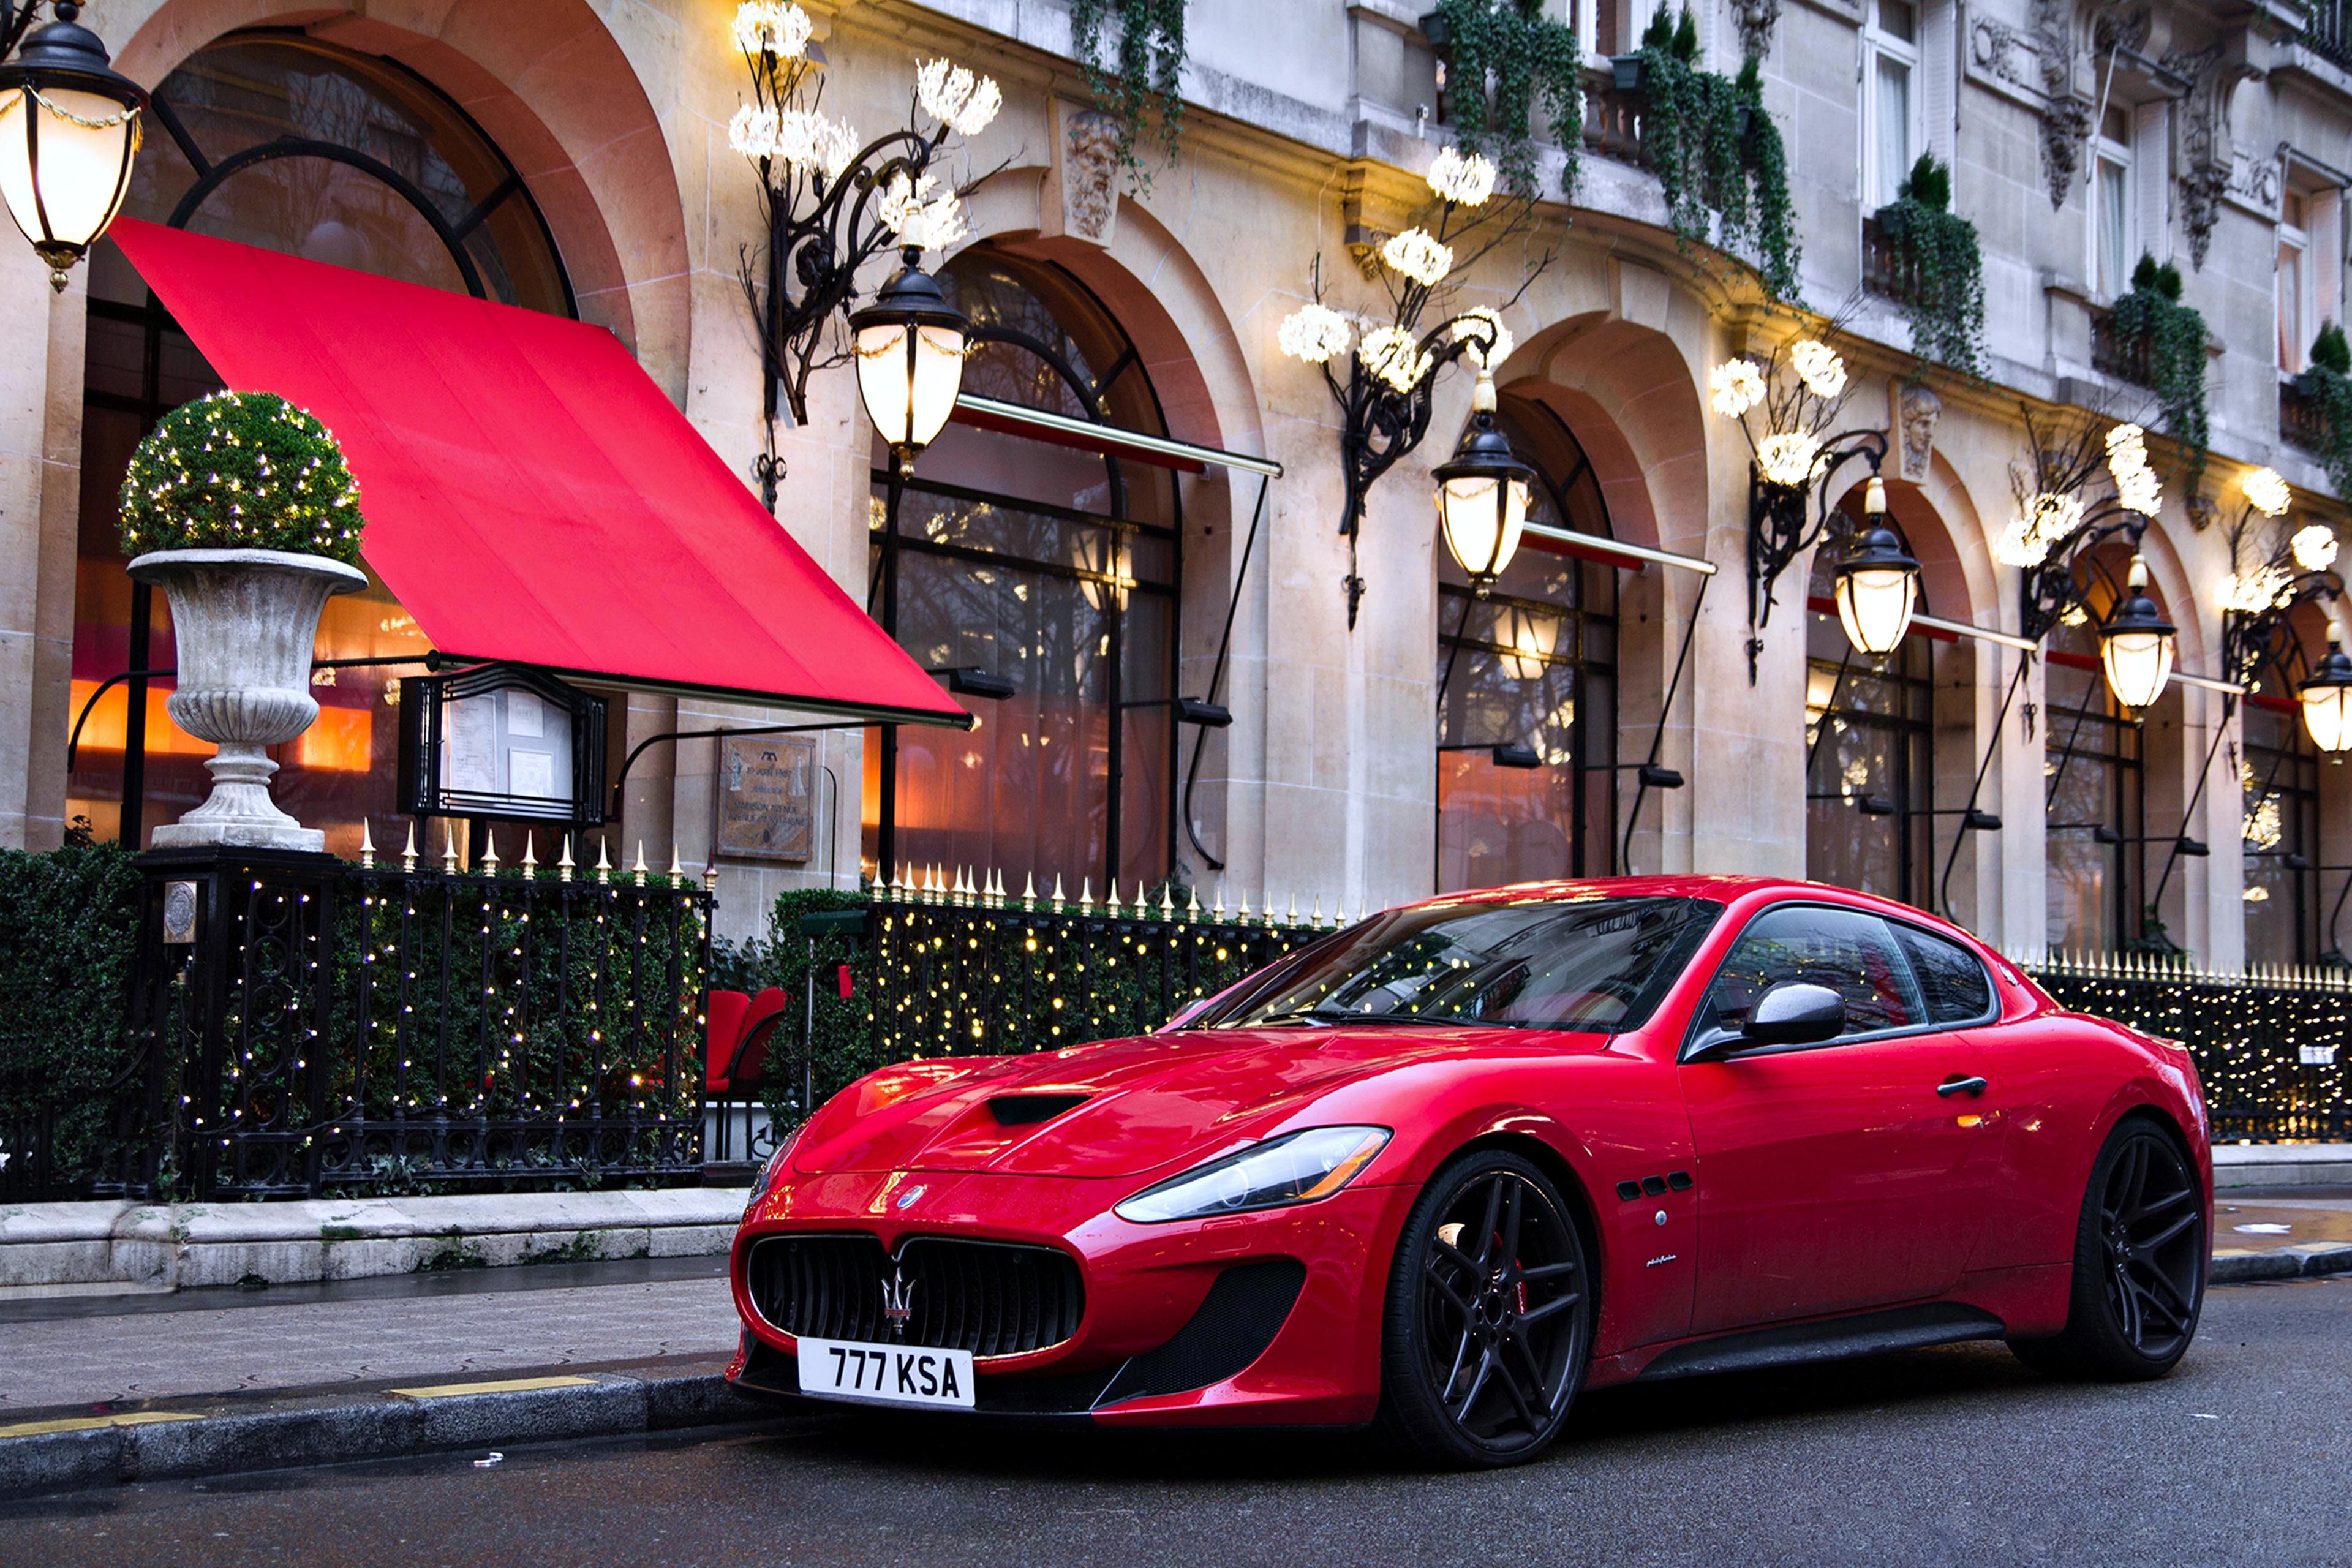 Maserati GranTurismo 4k Ultra HD Wallpaper Background Image 3840x2560